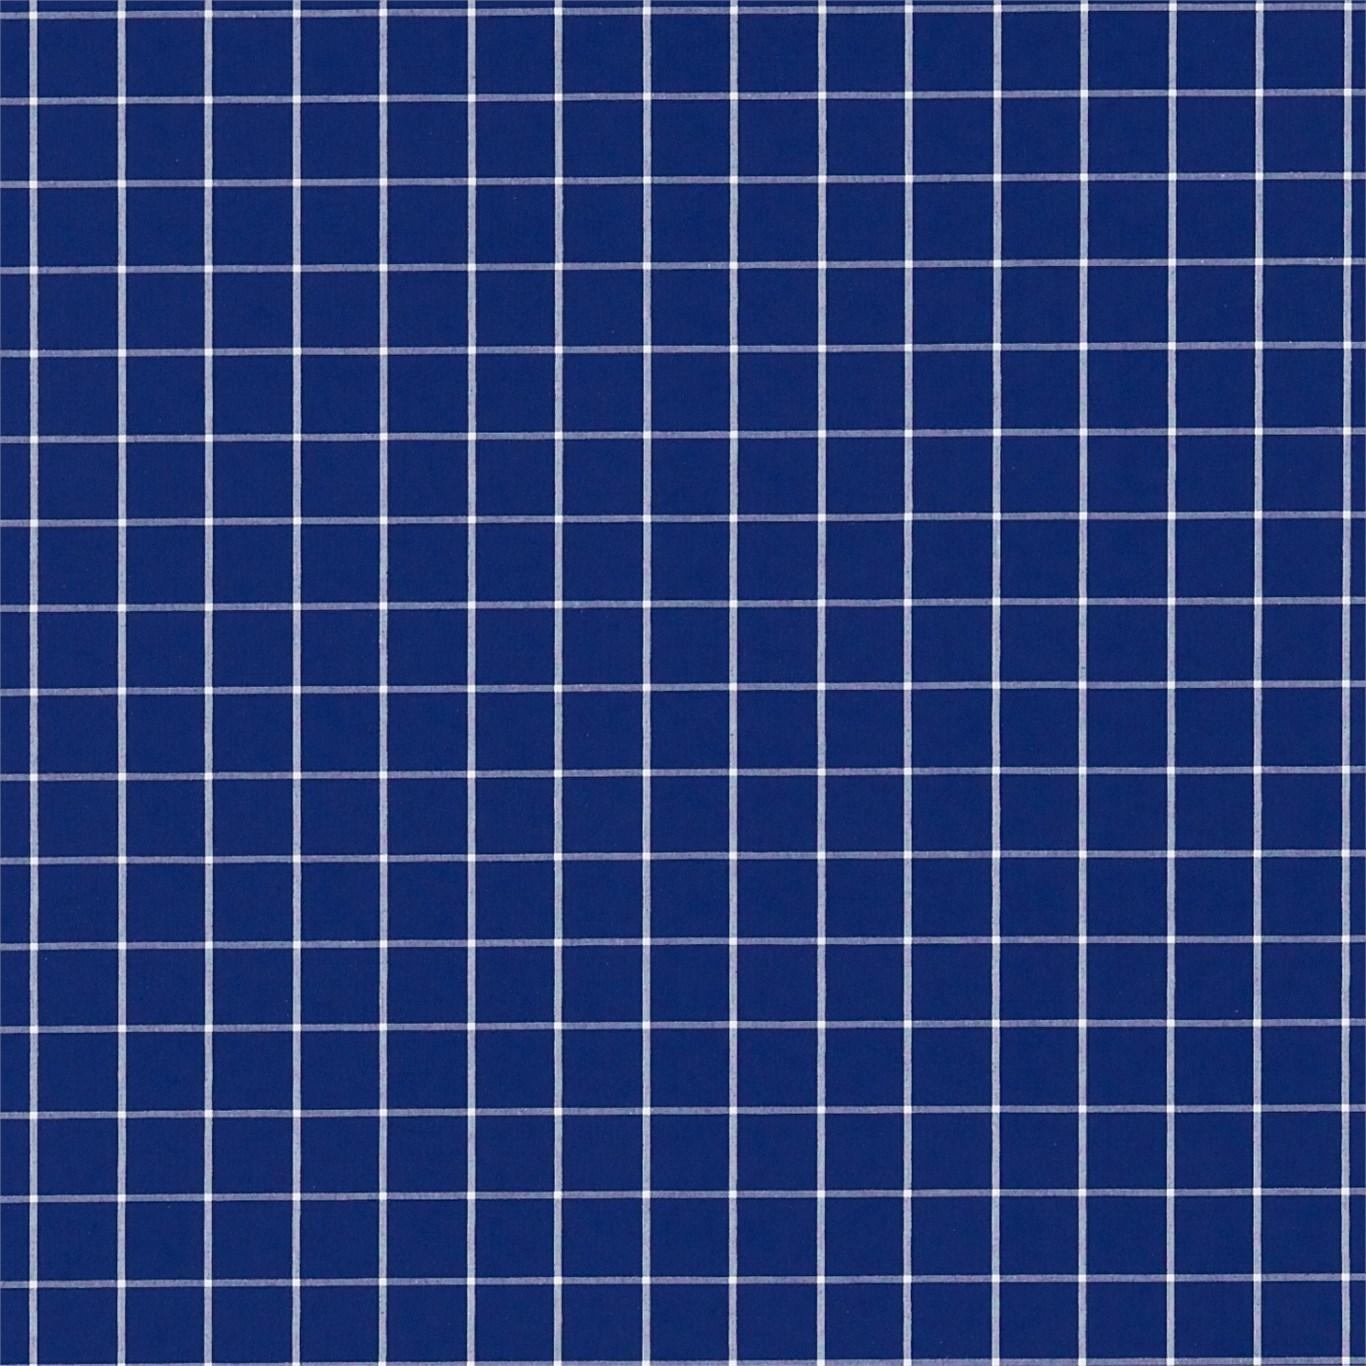 Rye Mörkblå